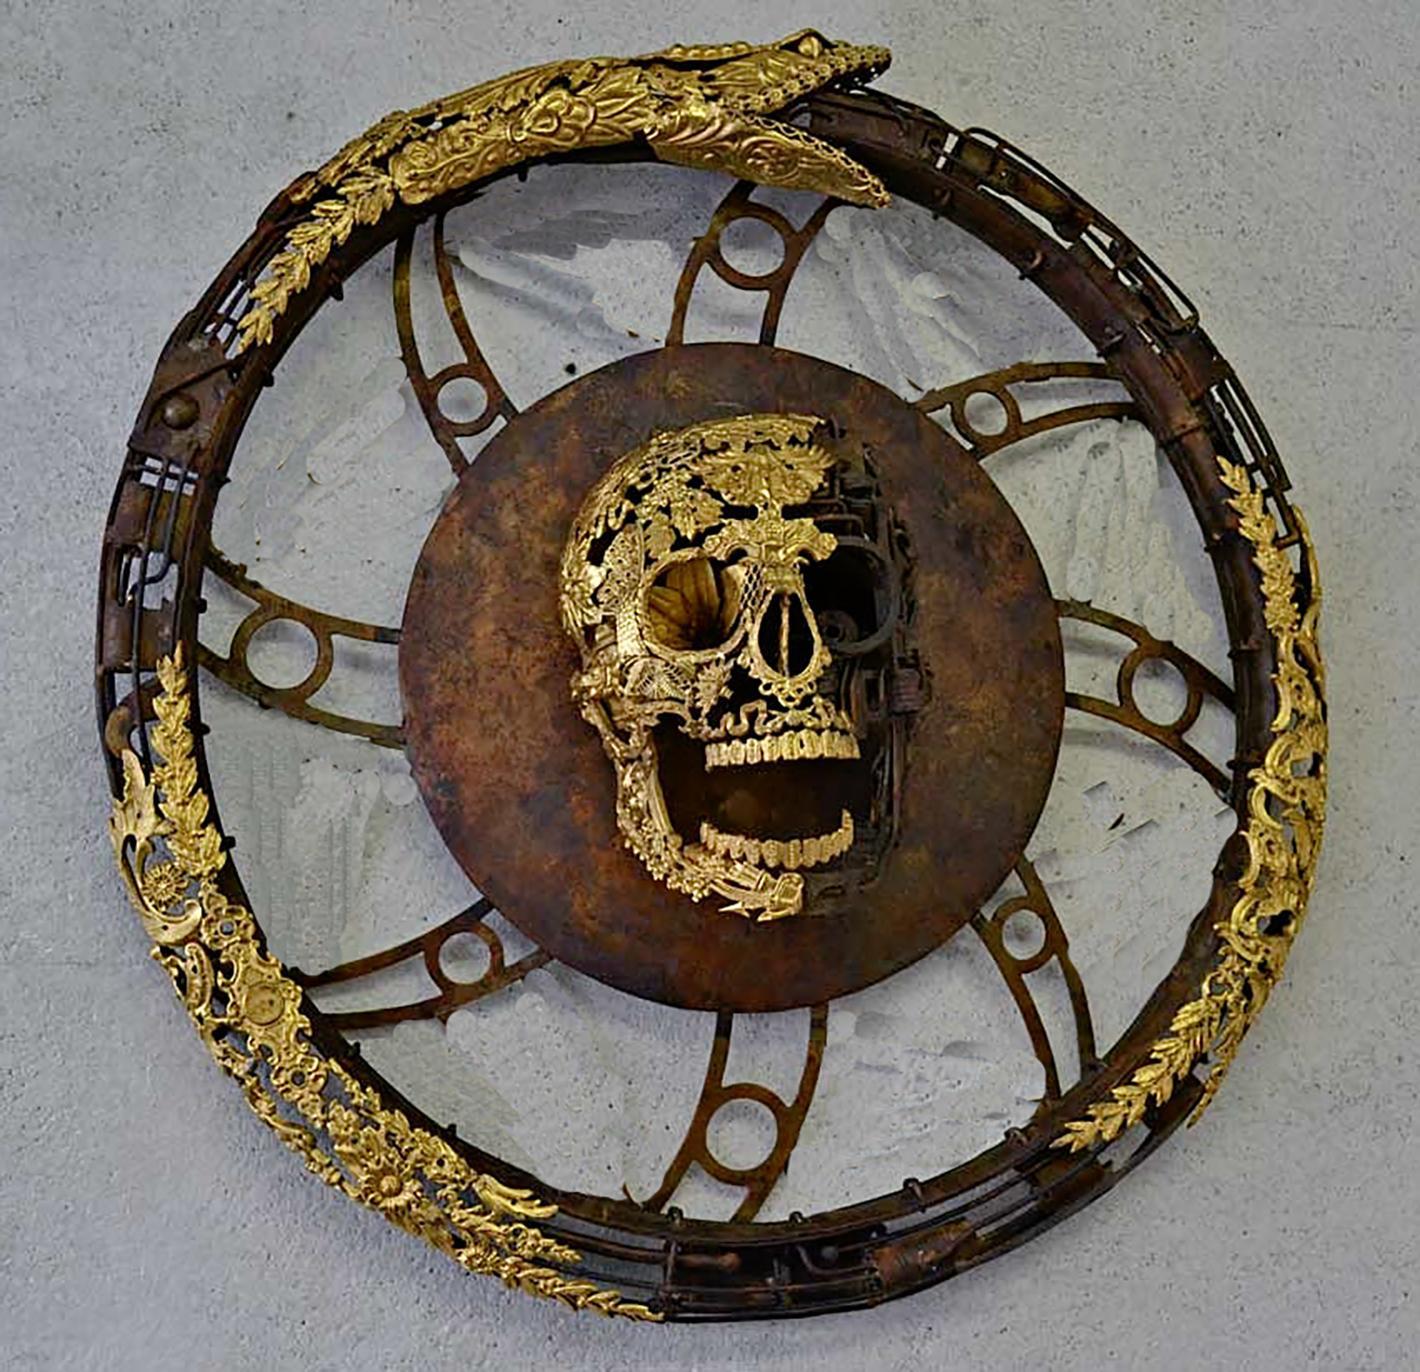 Aeternum Ex-Machina - Skull Bronze Wall Sculpture - Unique Piece